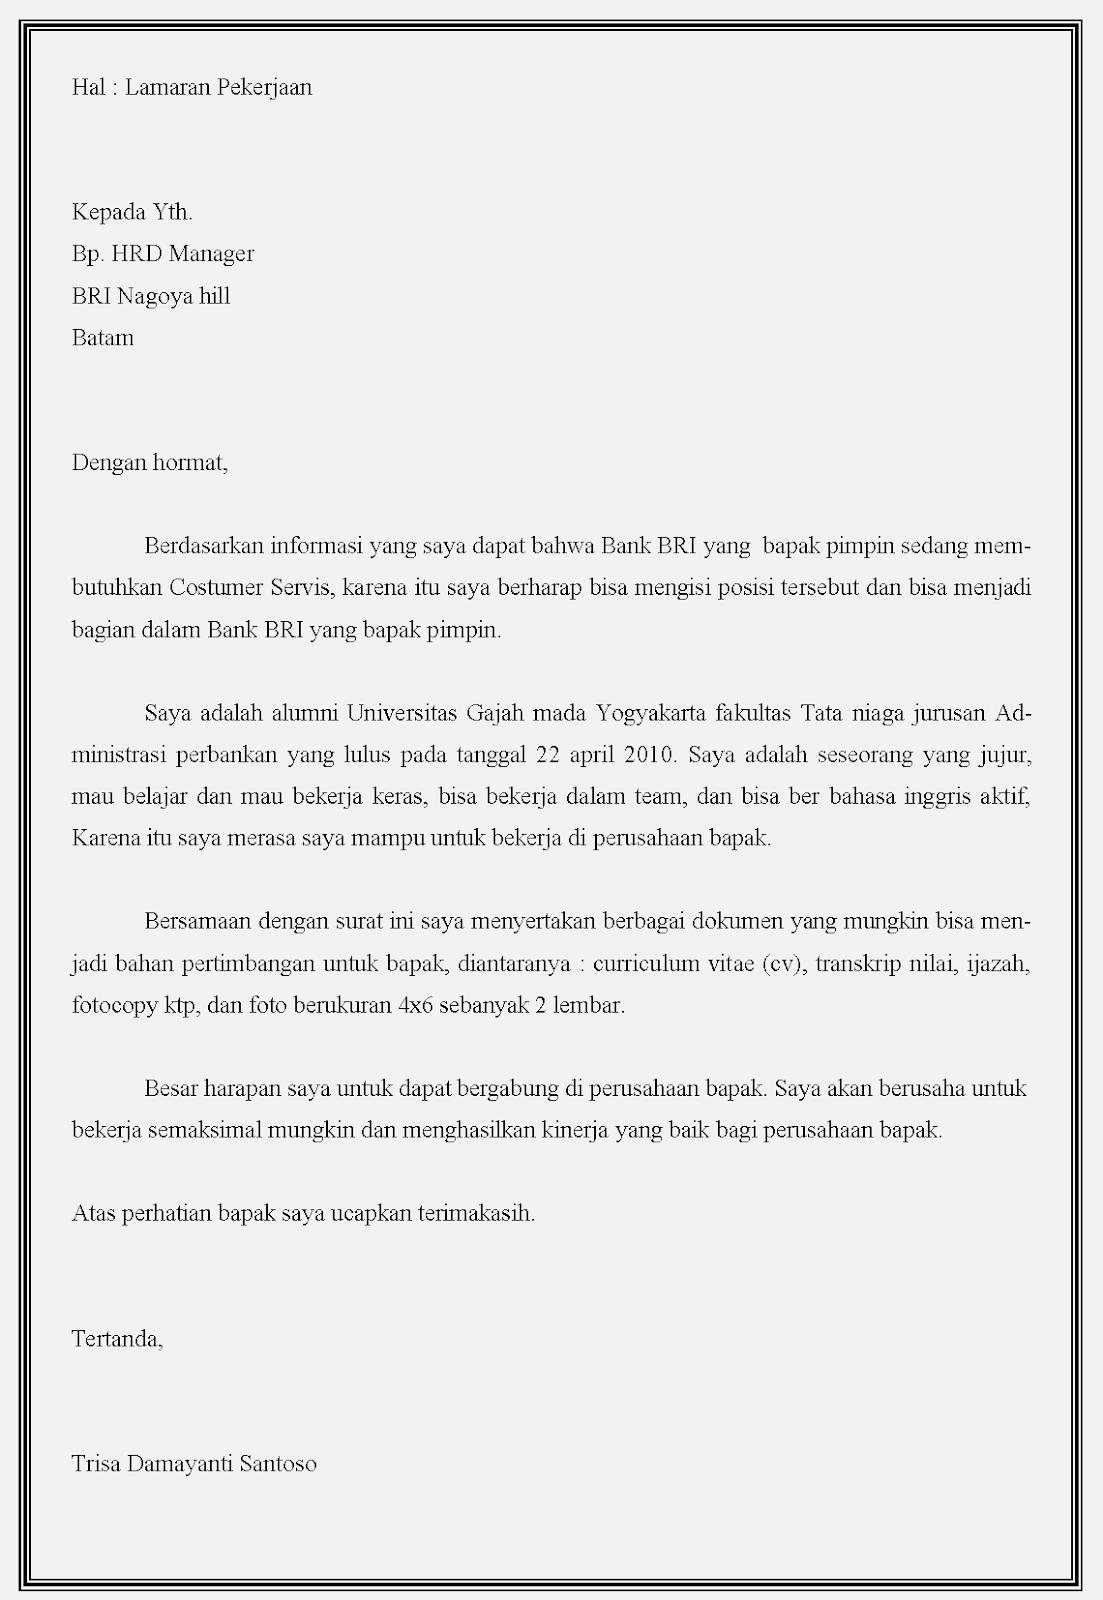 Contoh surat lamaran kerja di bank BRI